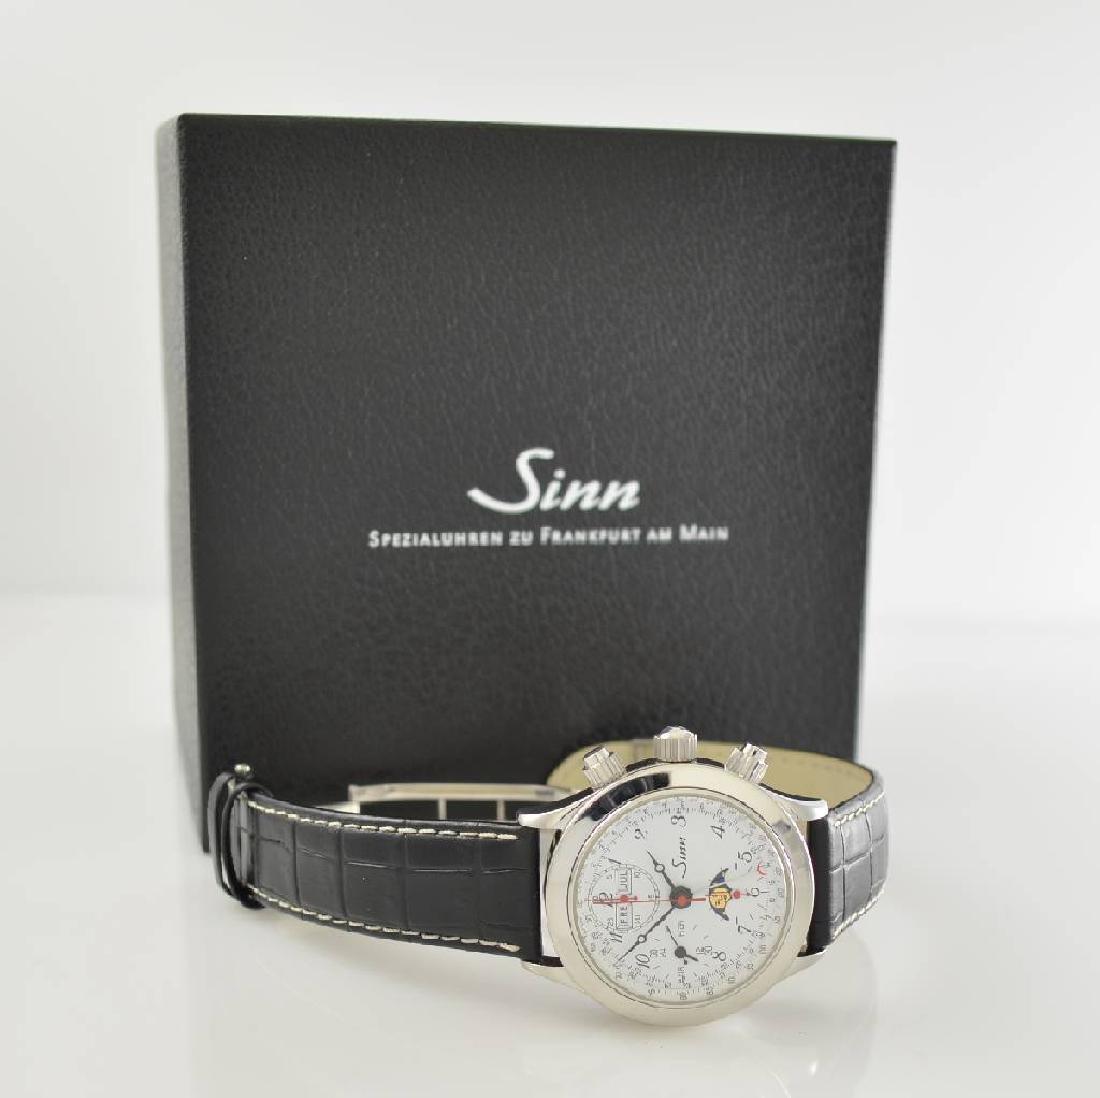 SINN gents wristwatch model 6026 - 6